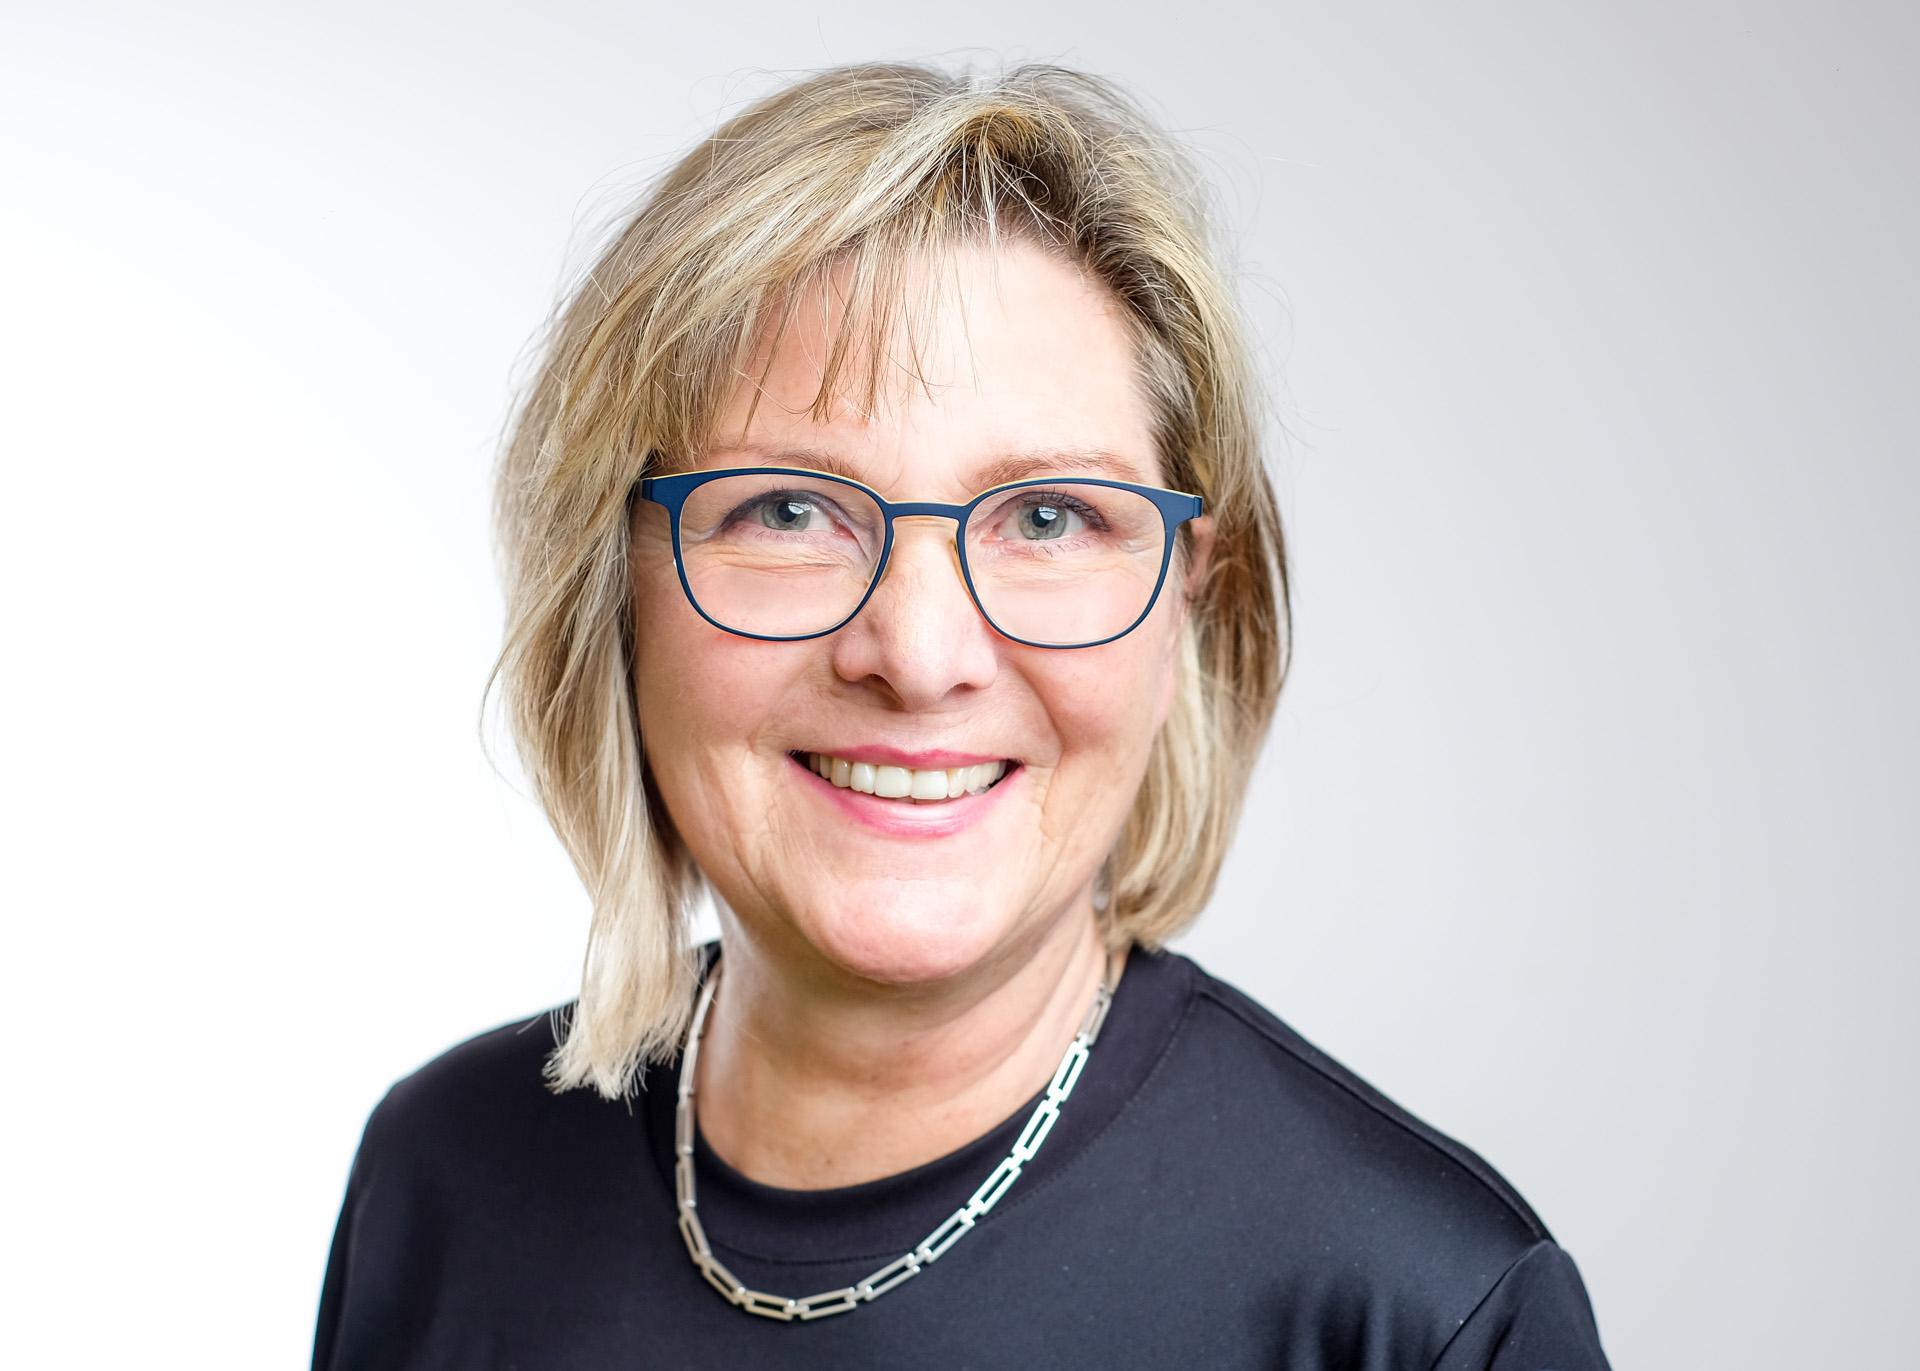 Silvia Hildenbrand